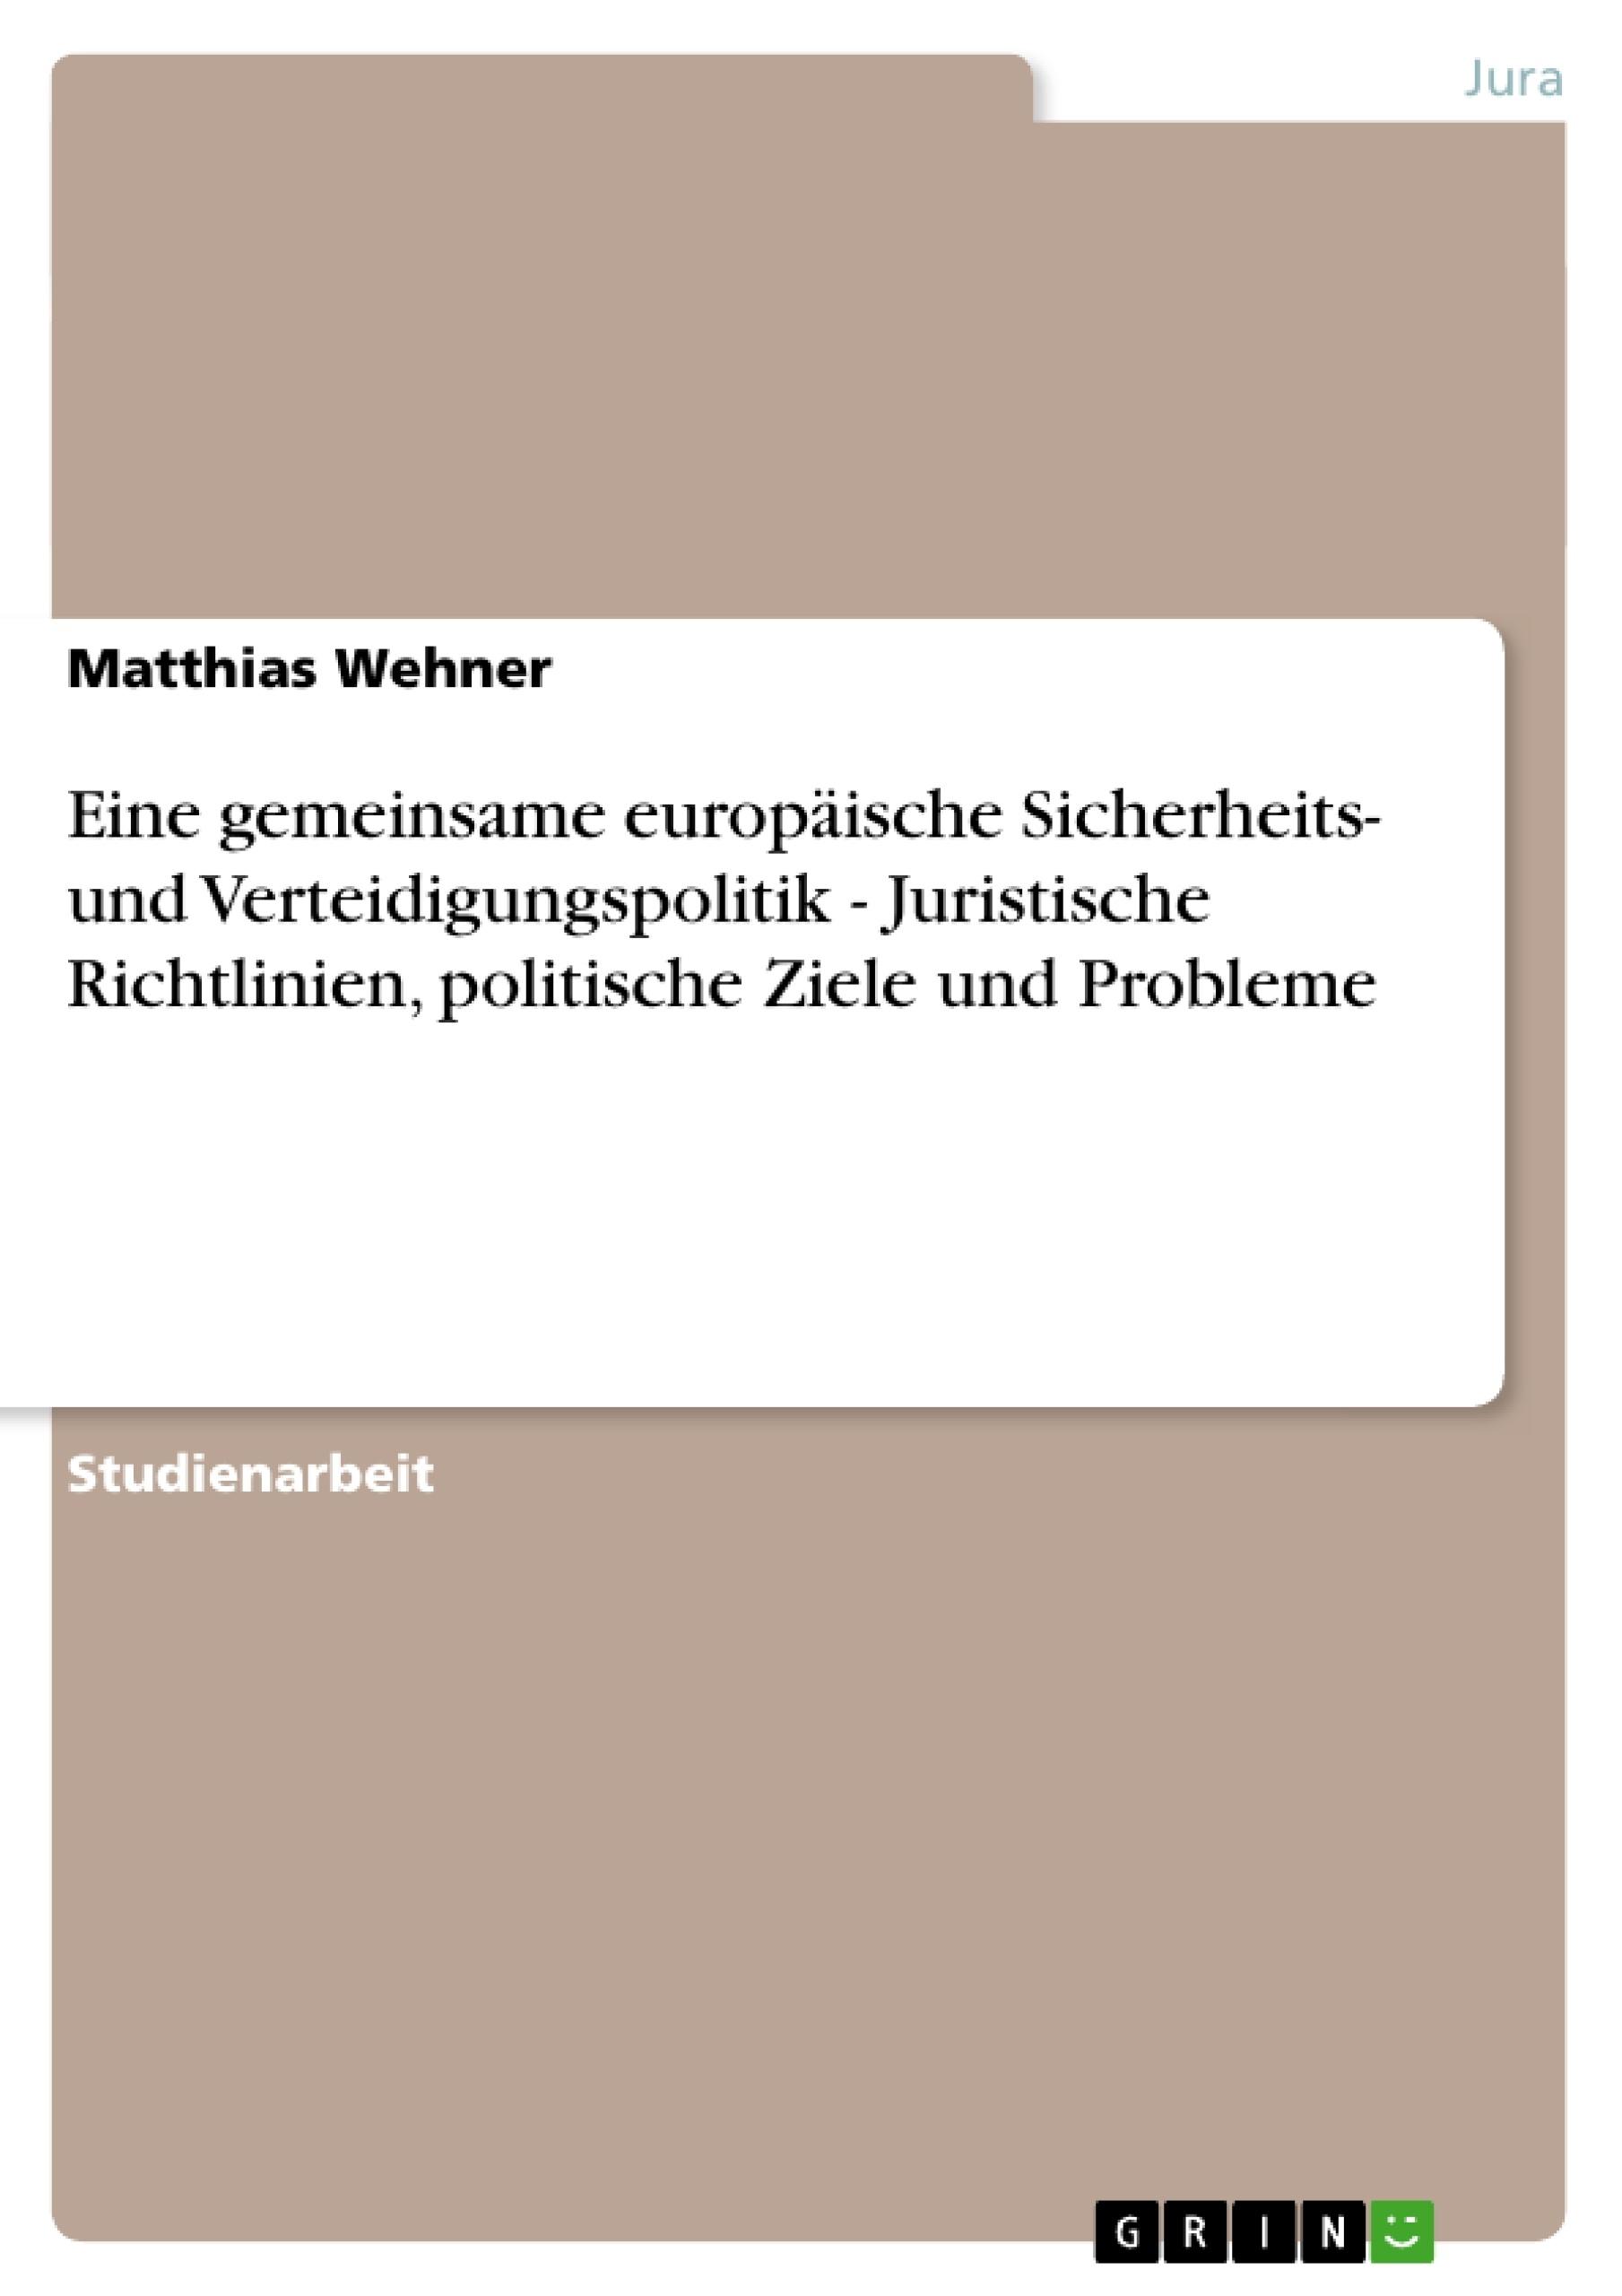 Titel: Eine gemeinsame europäische Sicherheits- und Verteidigungspolitik - Juristische Richtlinien, politische Ziele und Probleme